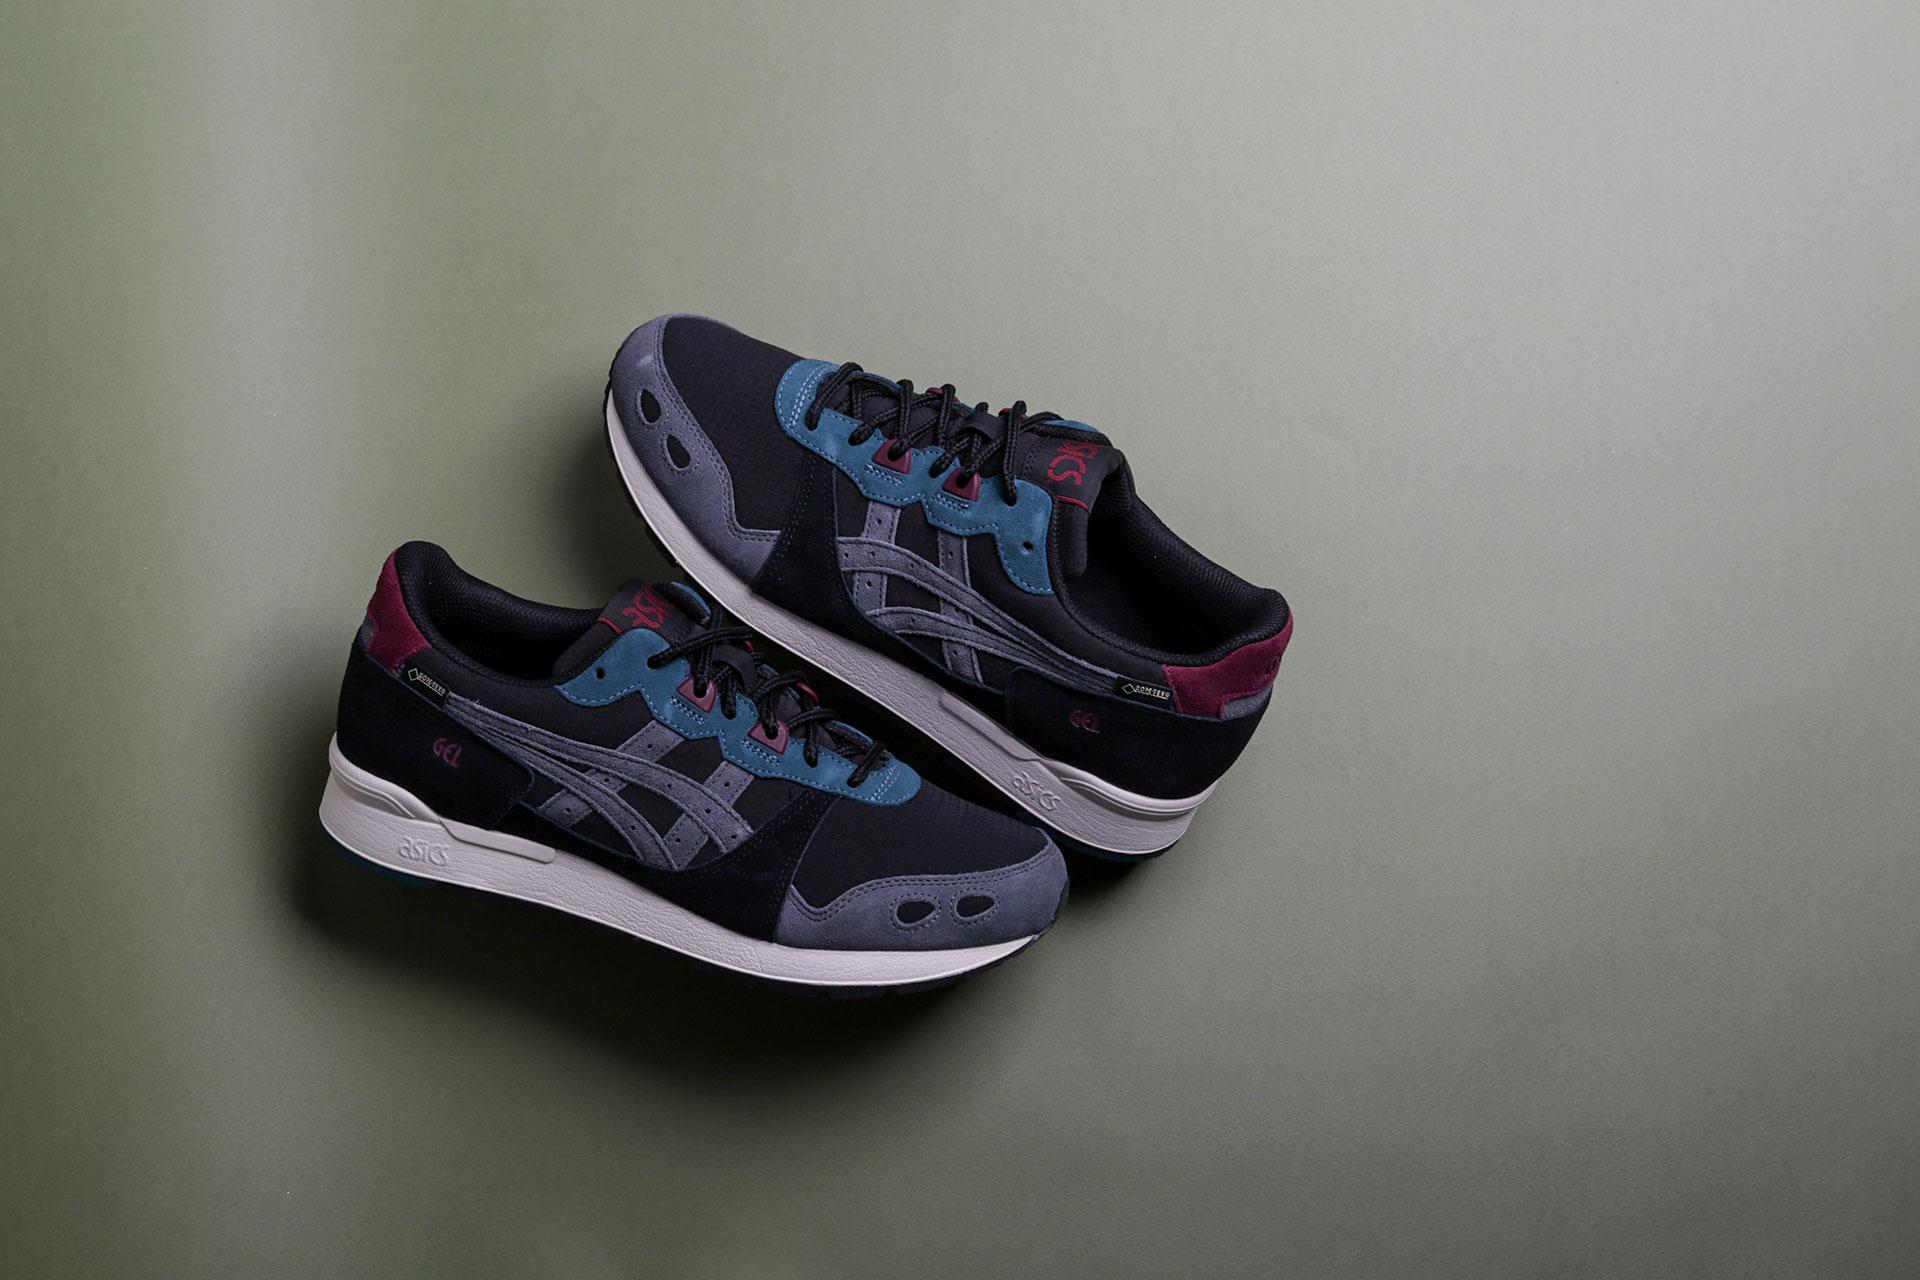 058648fb Купить черные мужские кроссовки Gel-Lyte G-TX от ASICS (1193A038-001 ...